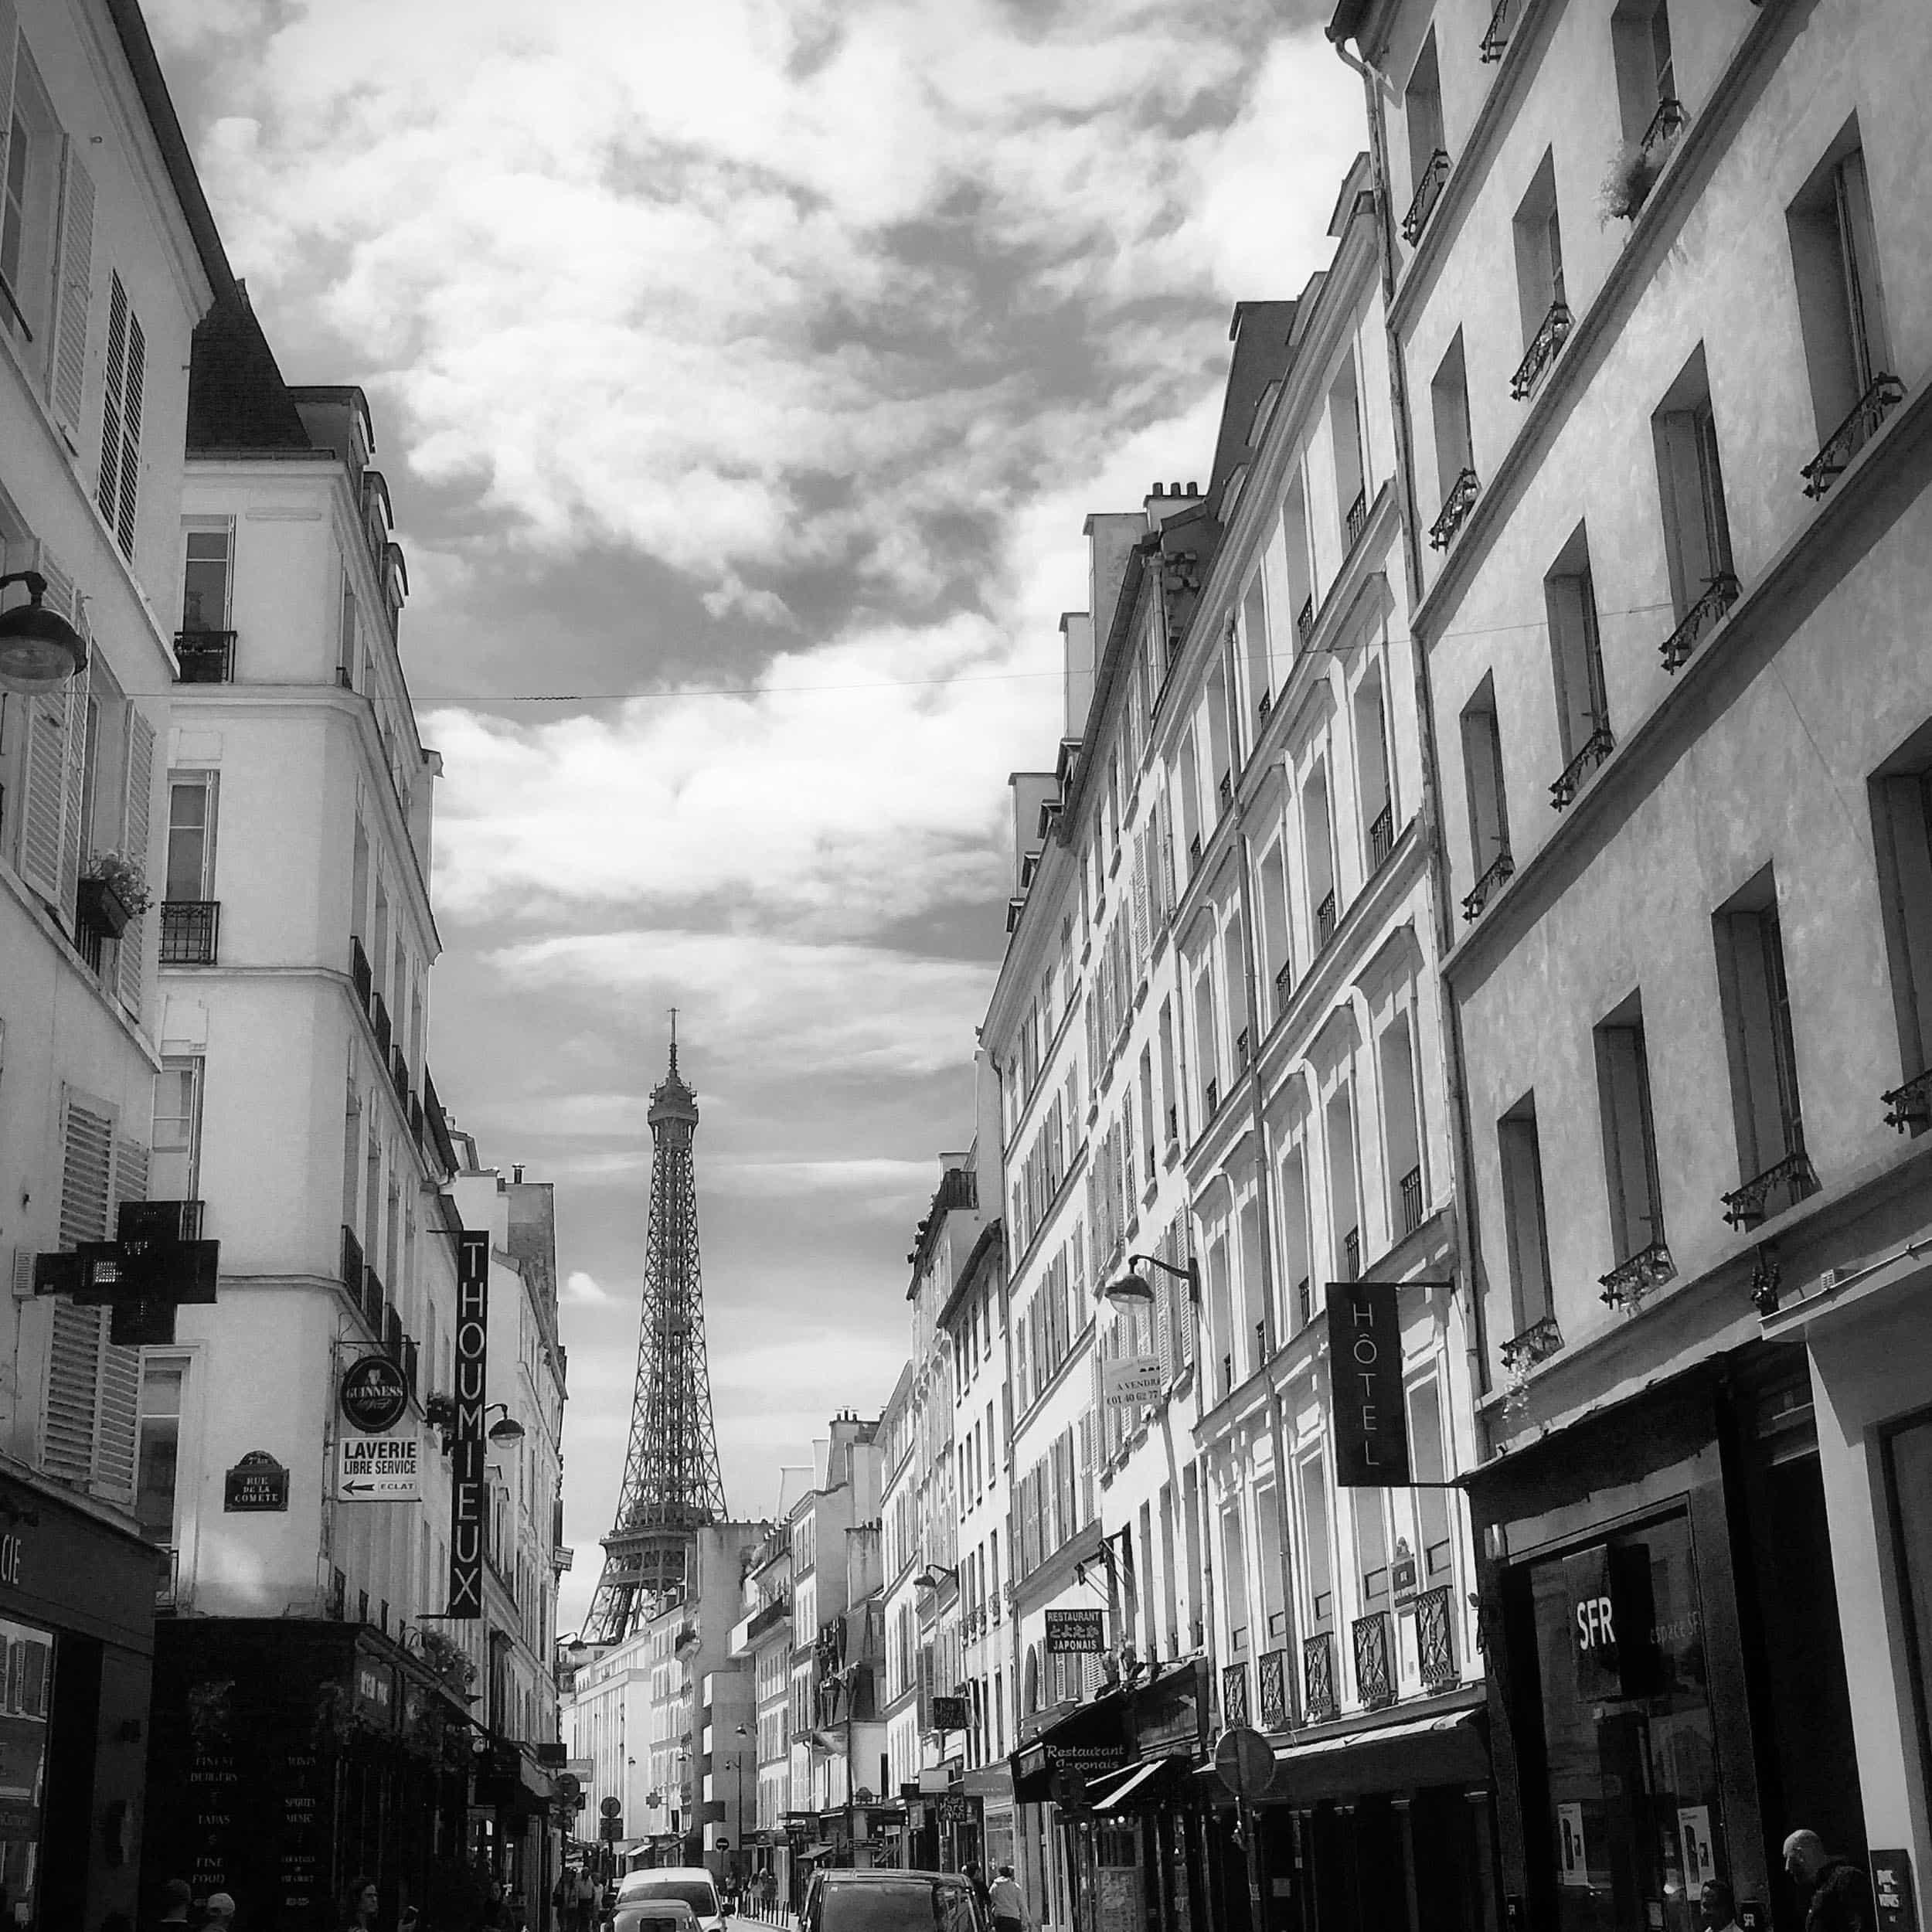 #PARIS / 002 / FRANCE / 2016